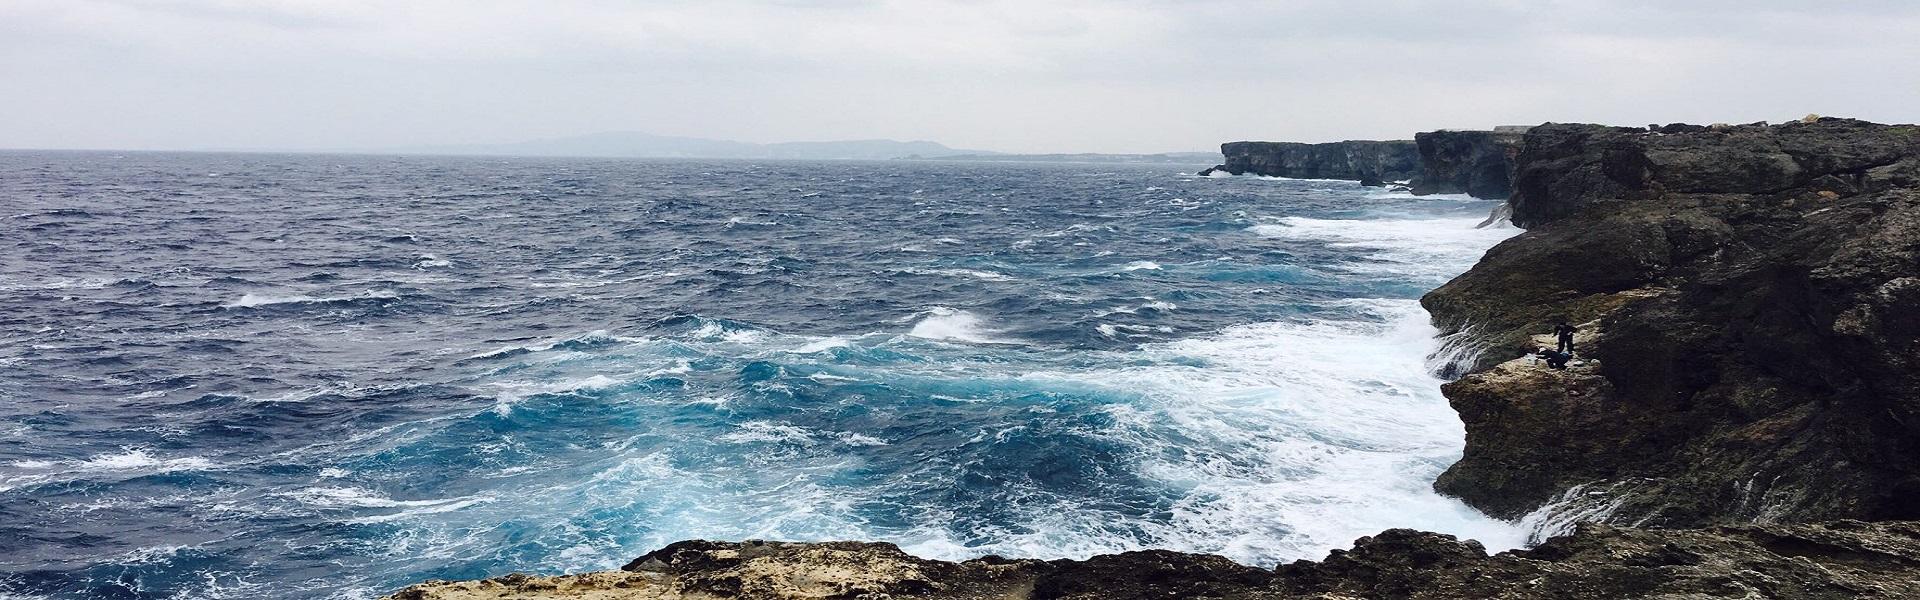 오키나와 잔파곶